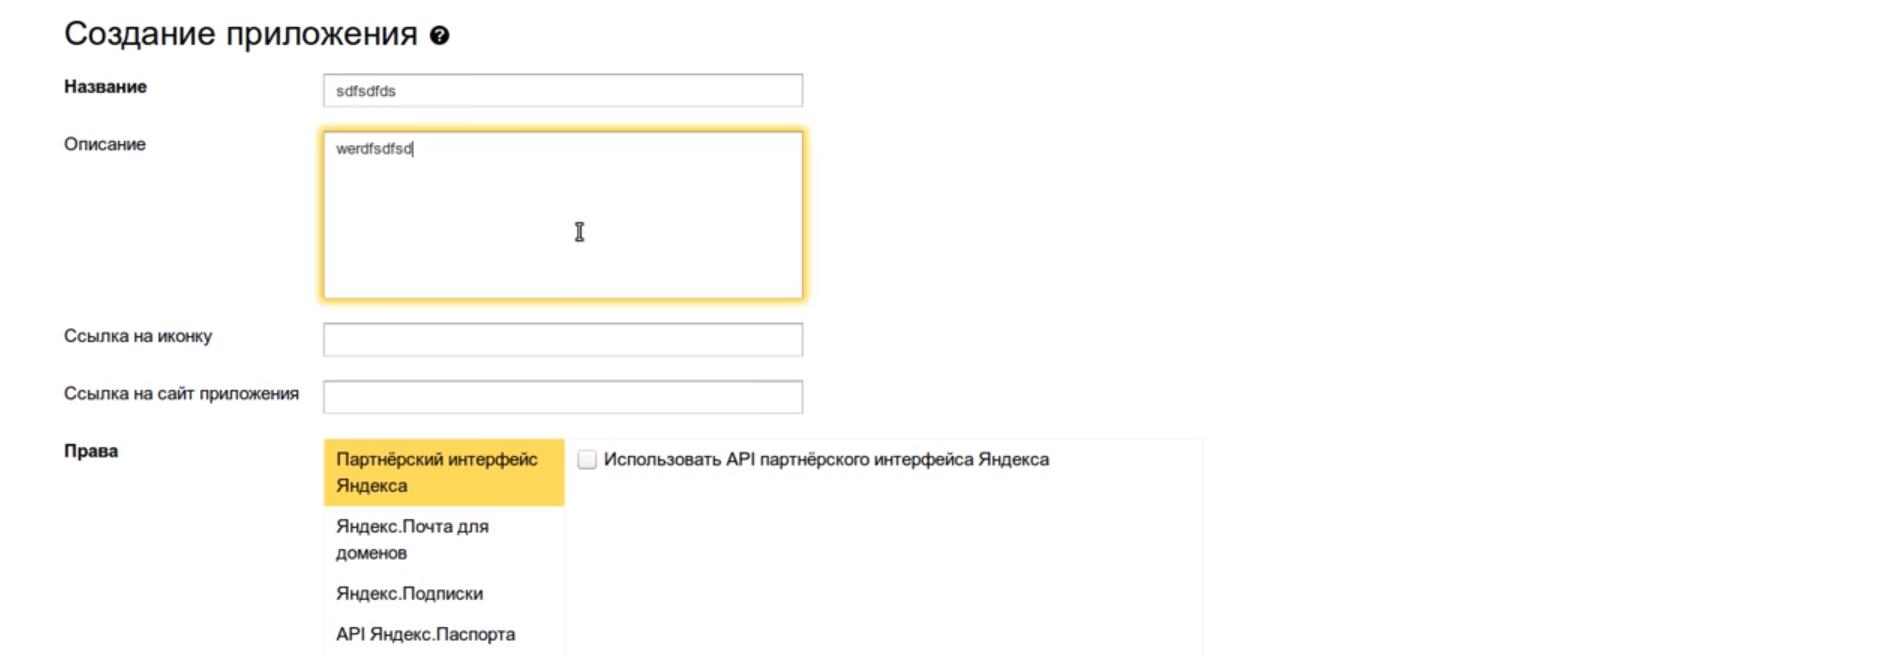 Установка плагина Original texts Yandex WebMaster Создание приложения